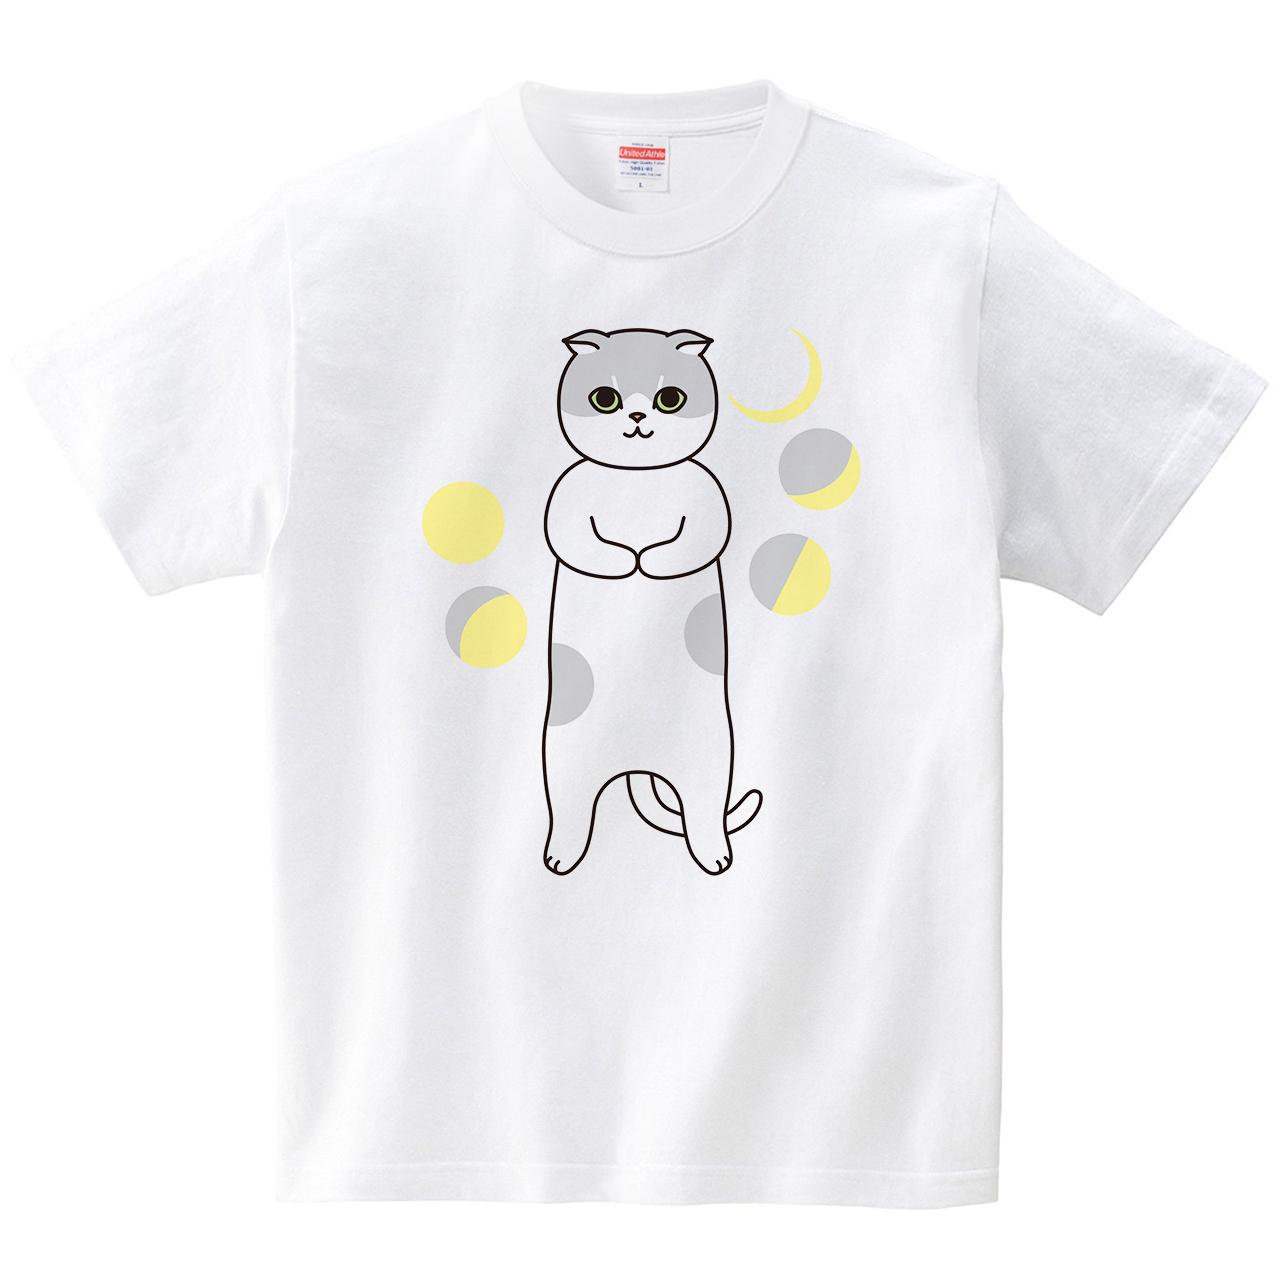 まるまるネコ(Tシャツ・ホワイト)(梅川紀美子)